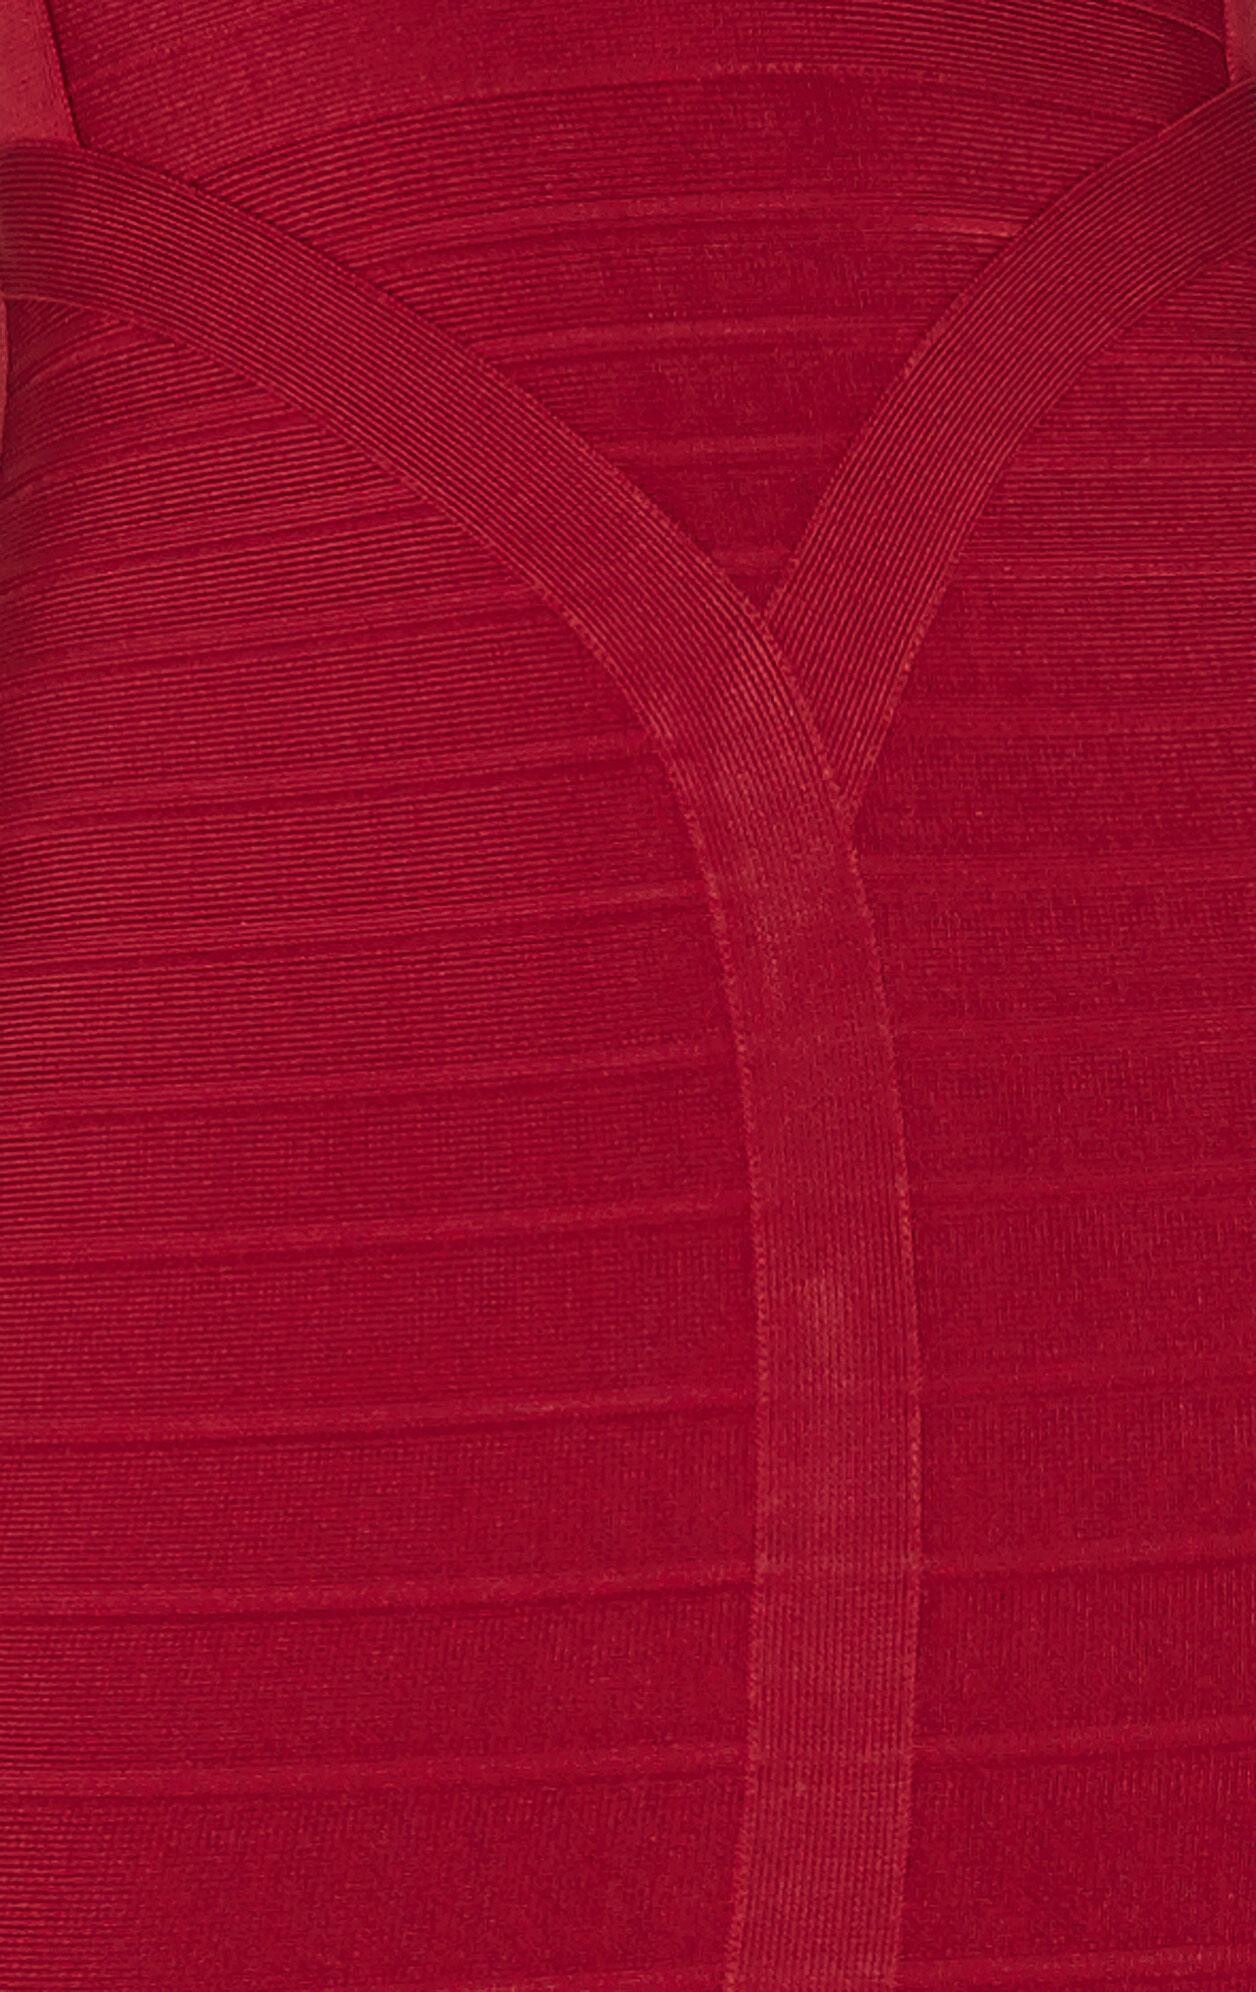 Lexi Signature Sweetheart-Neckline Bandage Dress